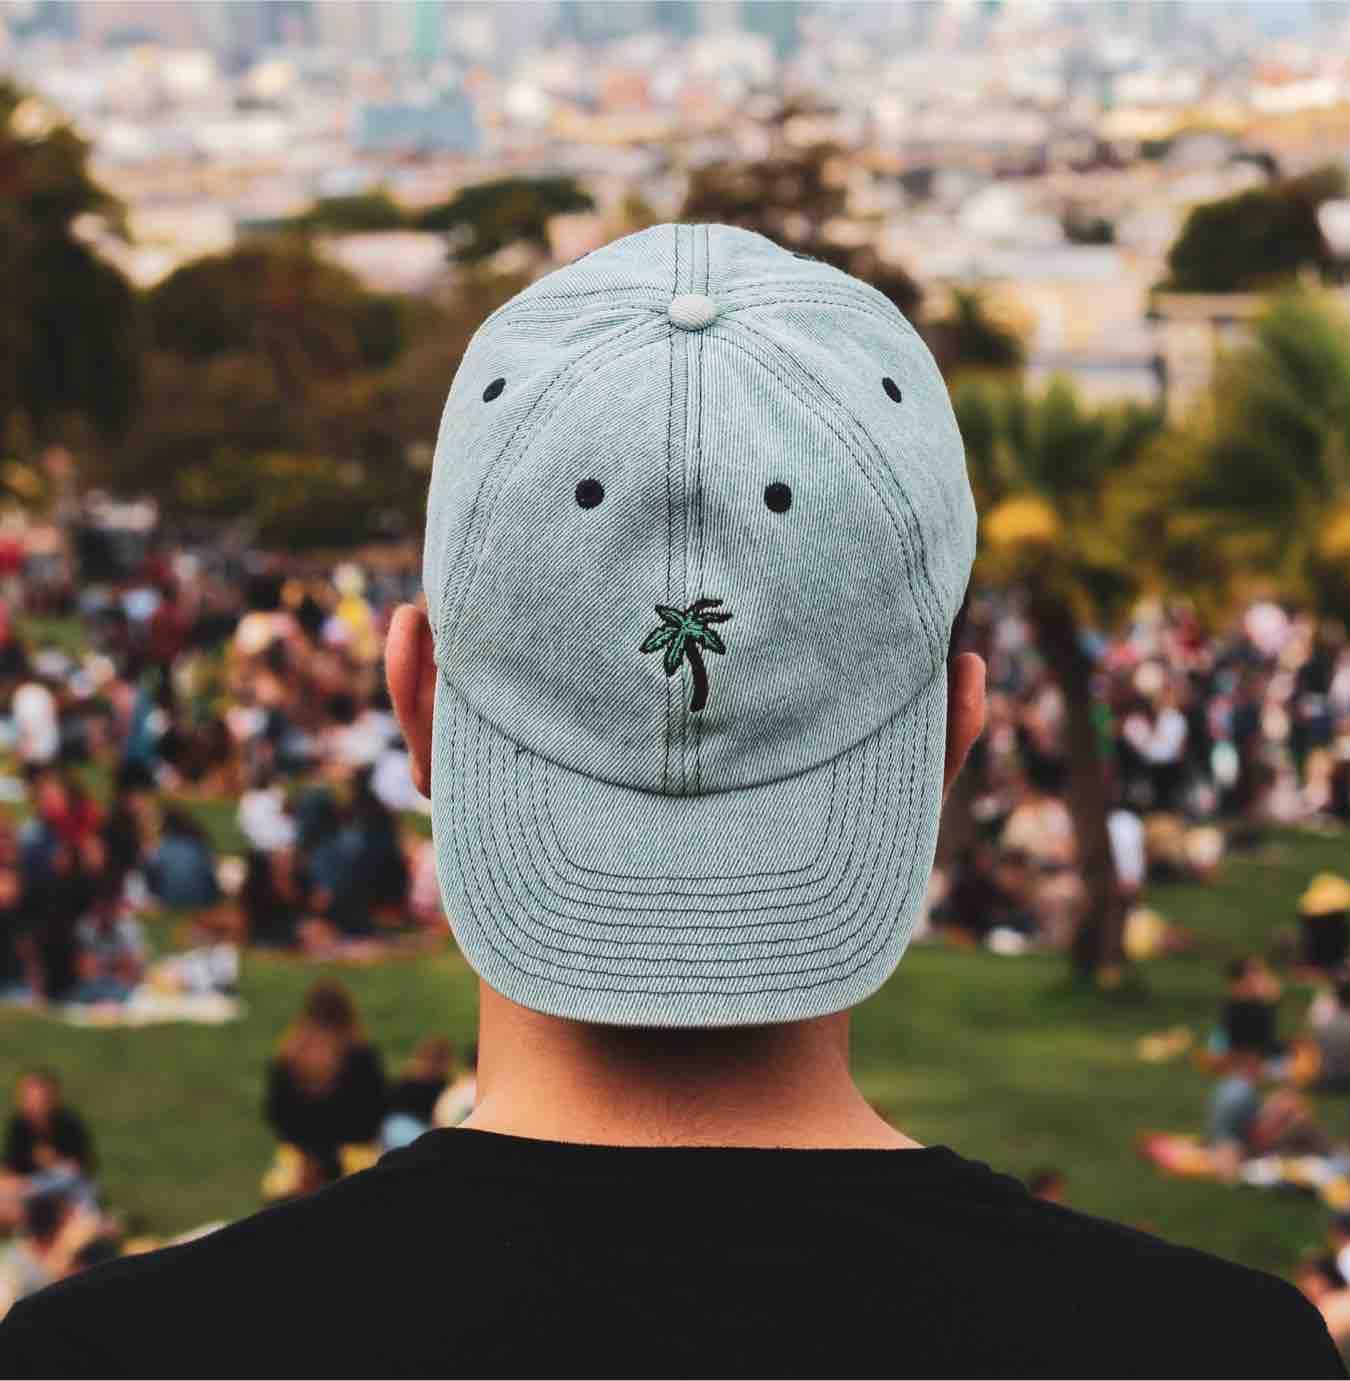 un ragazzo di 14 anni a un festival